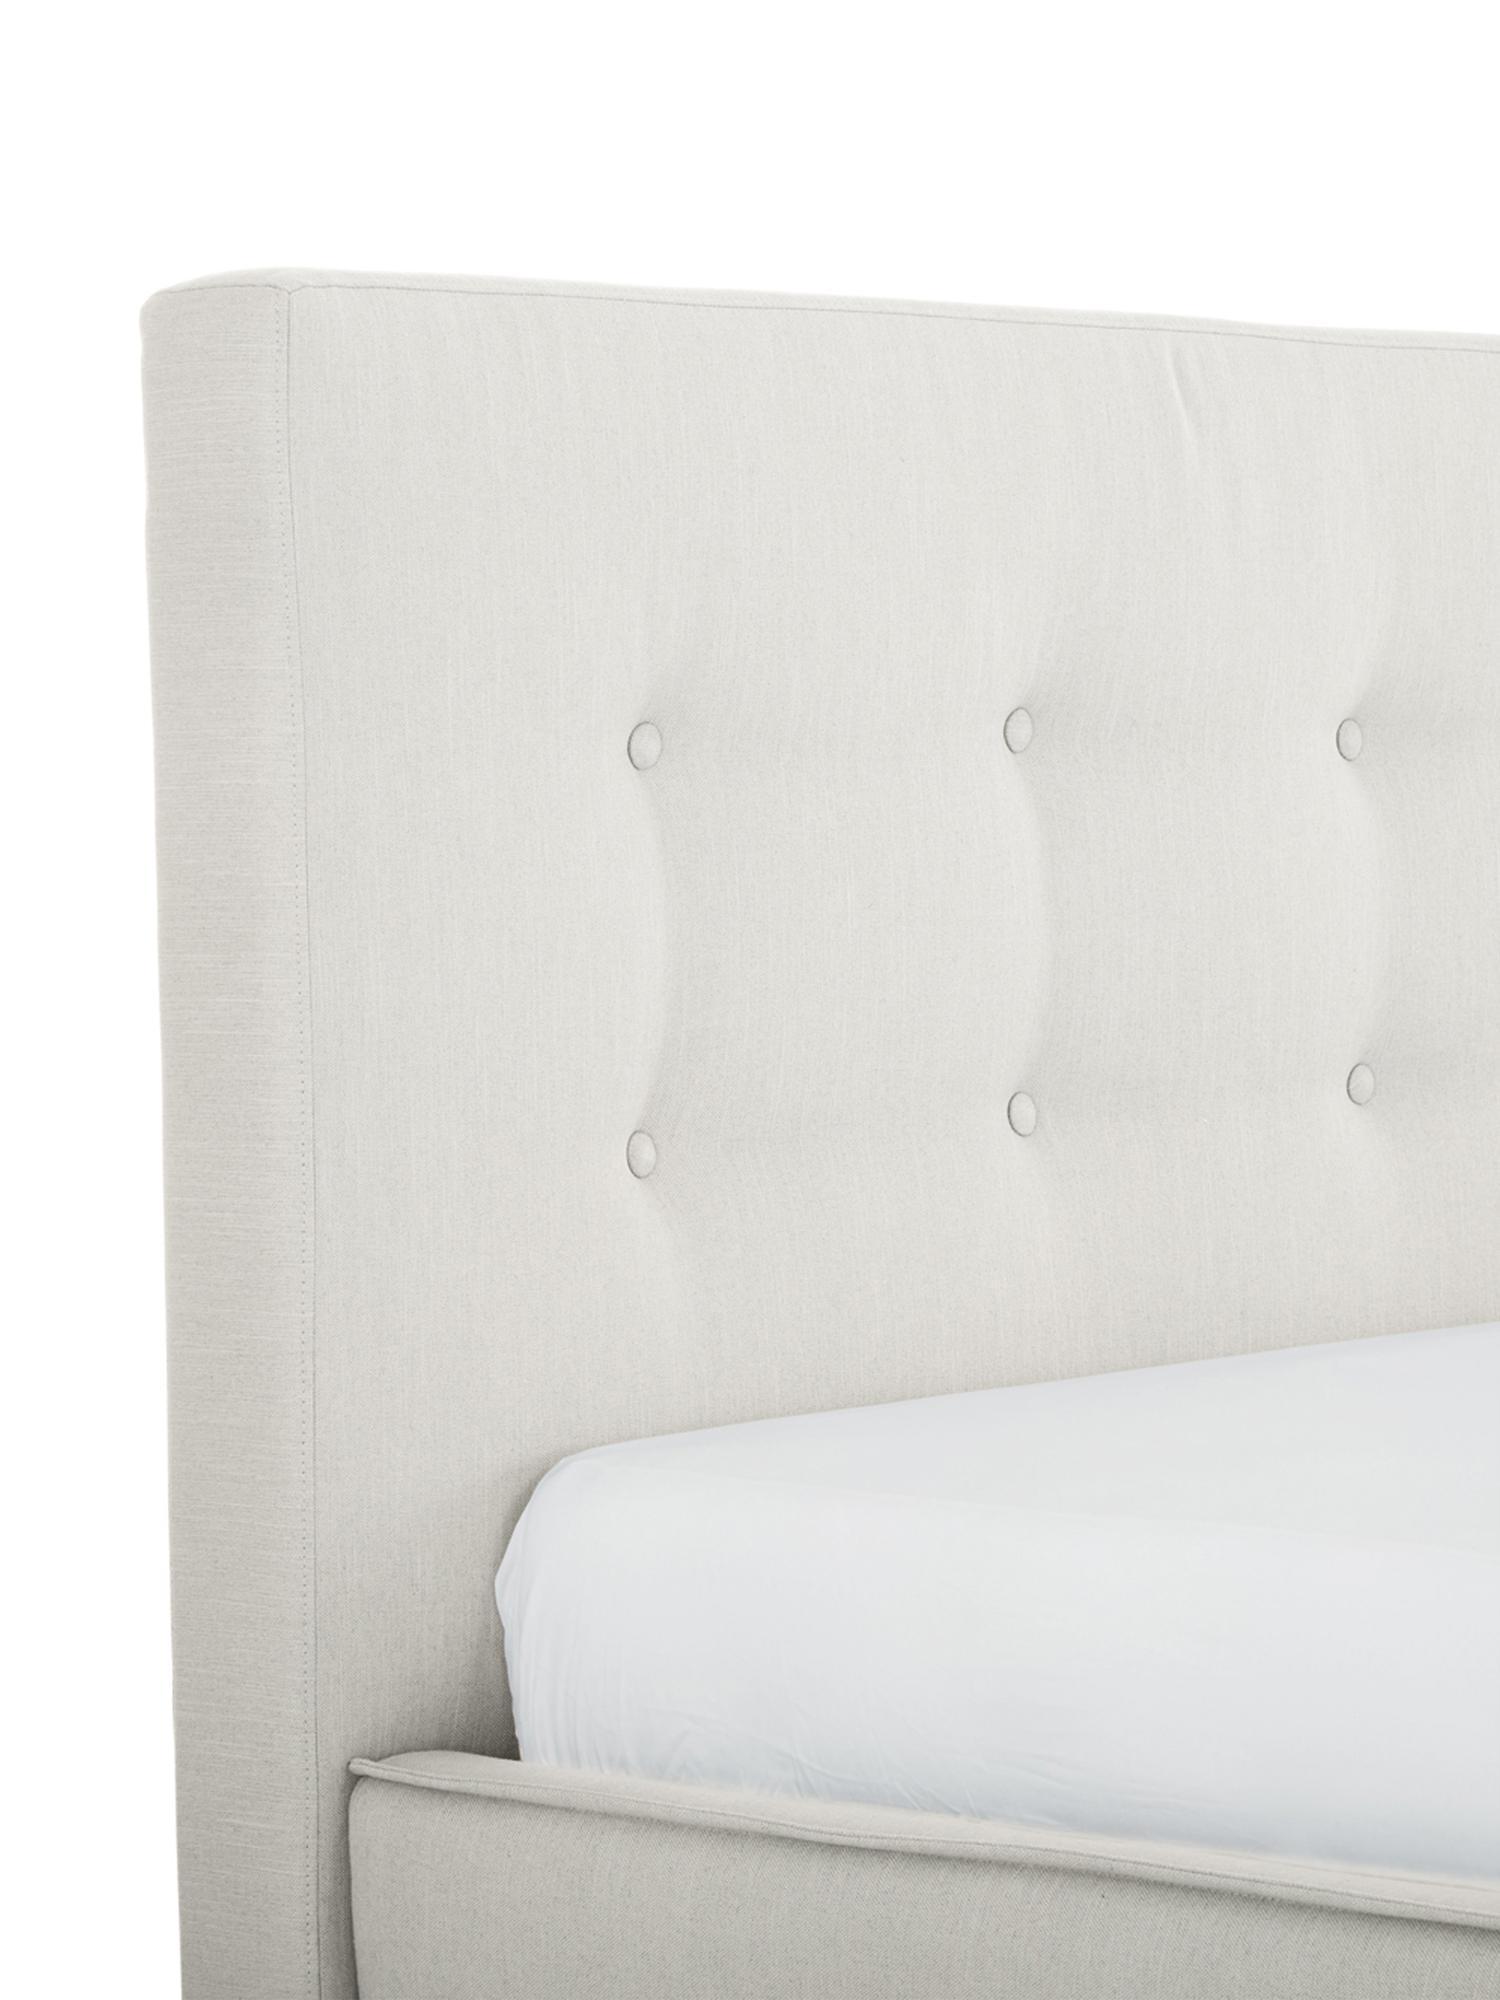 Letto matrimoniale imbottito Moon, Piedini: legno di quercia massicci, Rivestimento: Poliestere (tessuto strut, Tessuto beige, 180 x 200 cm